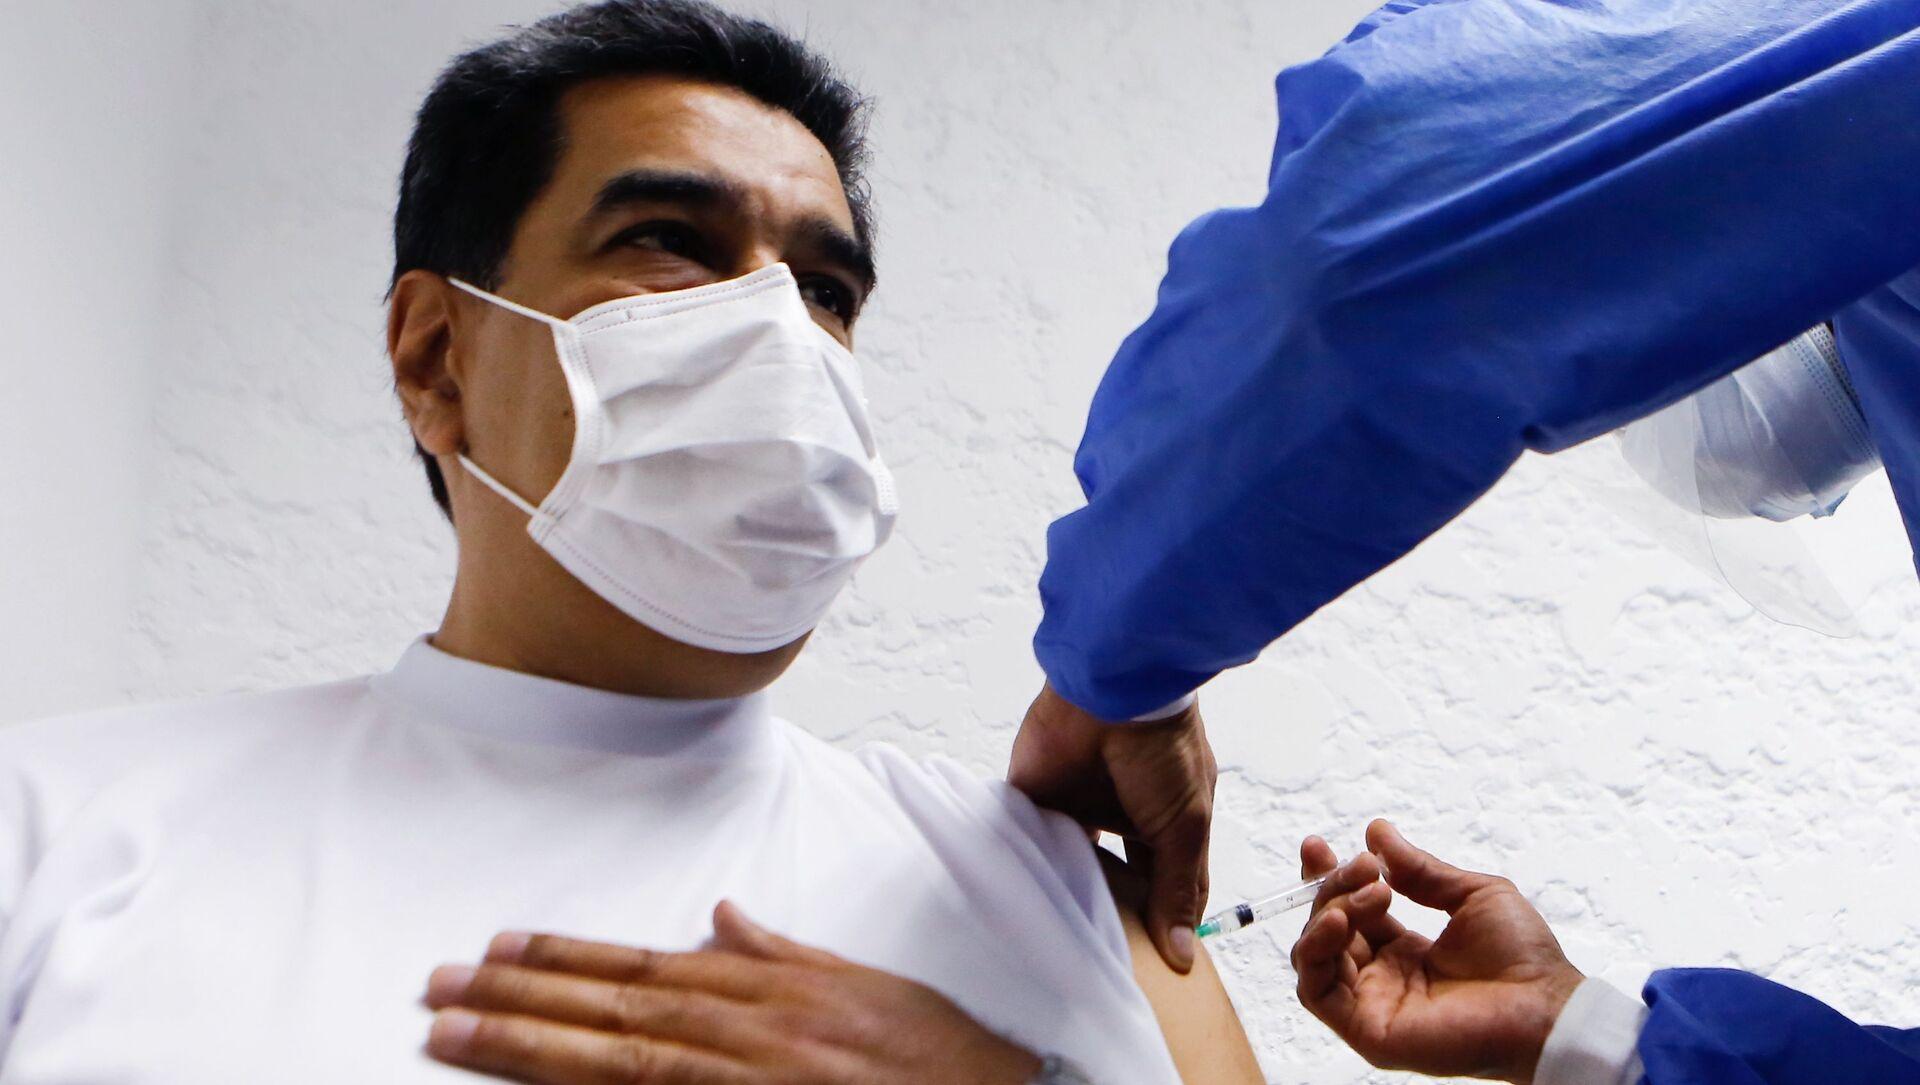 Prezydent Wenezueli Maduro zaszczepiony szczepionką Sputnik V - Sputnik Polska, 1920, 22.03.2021